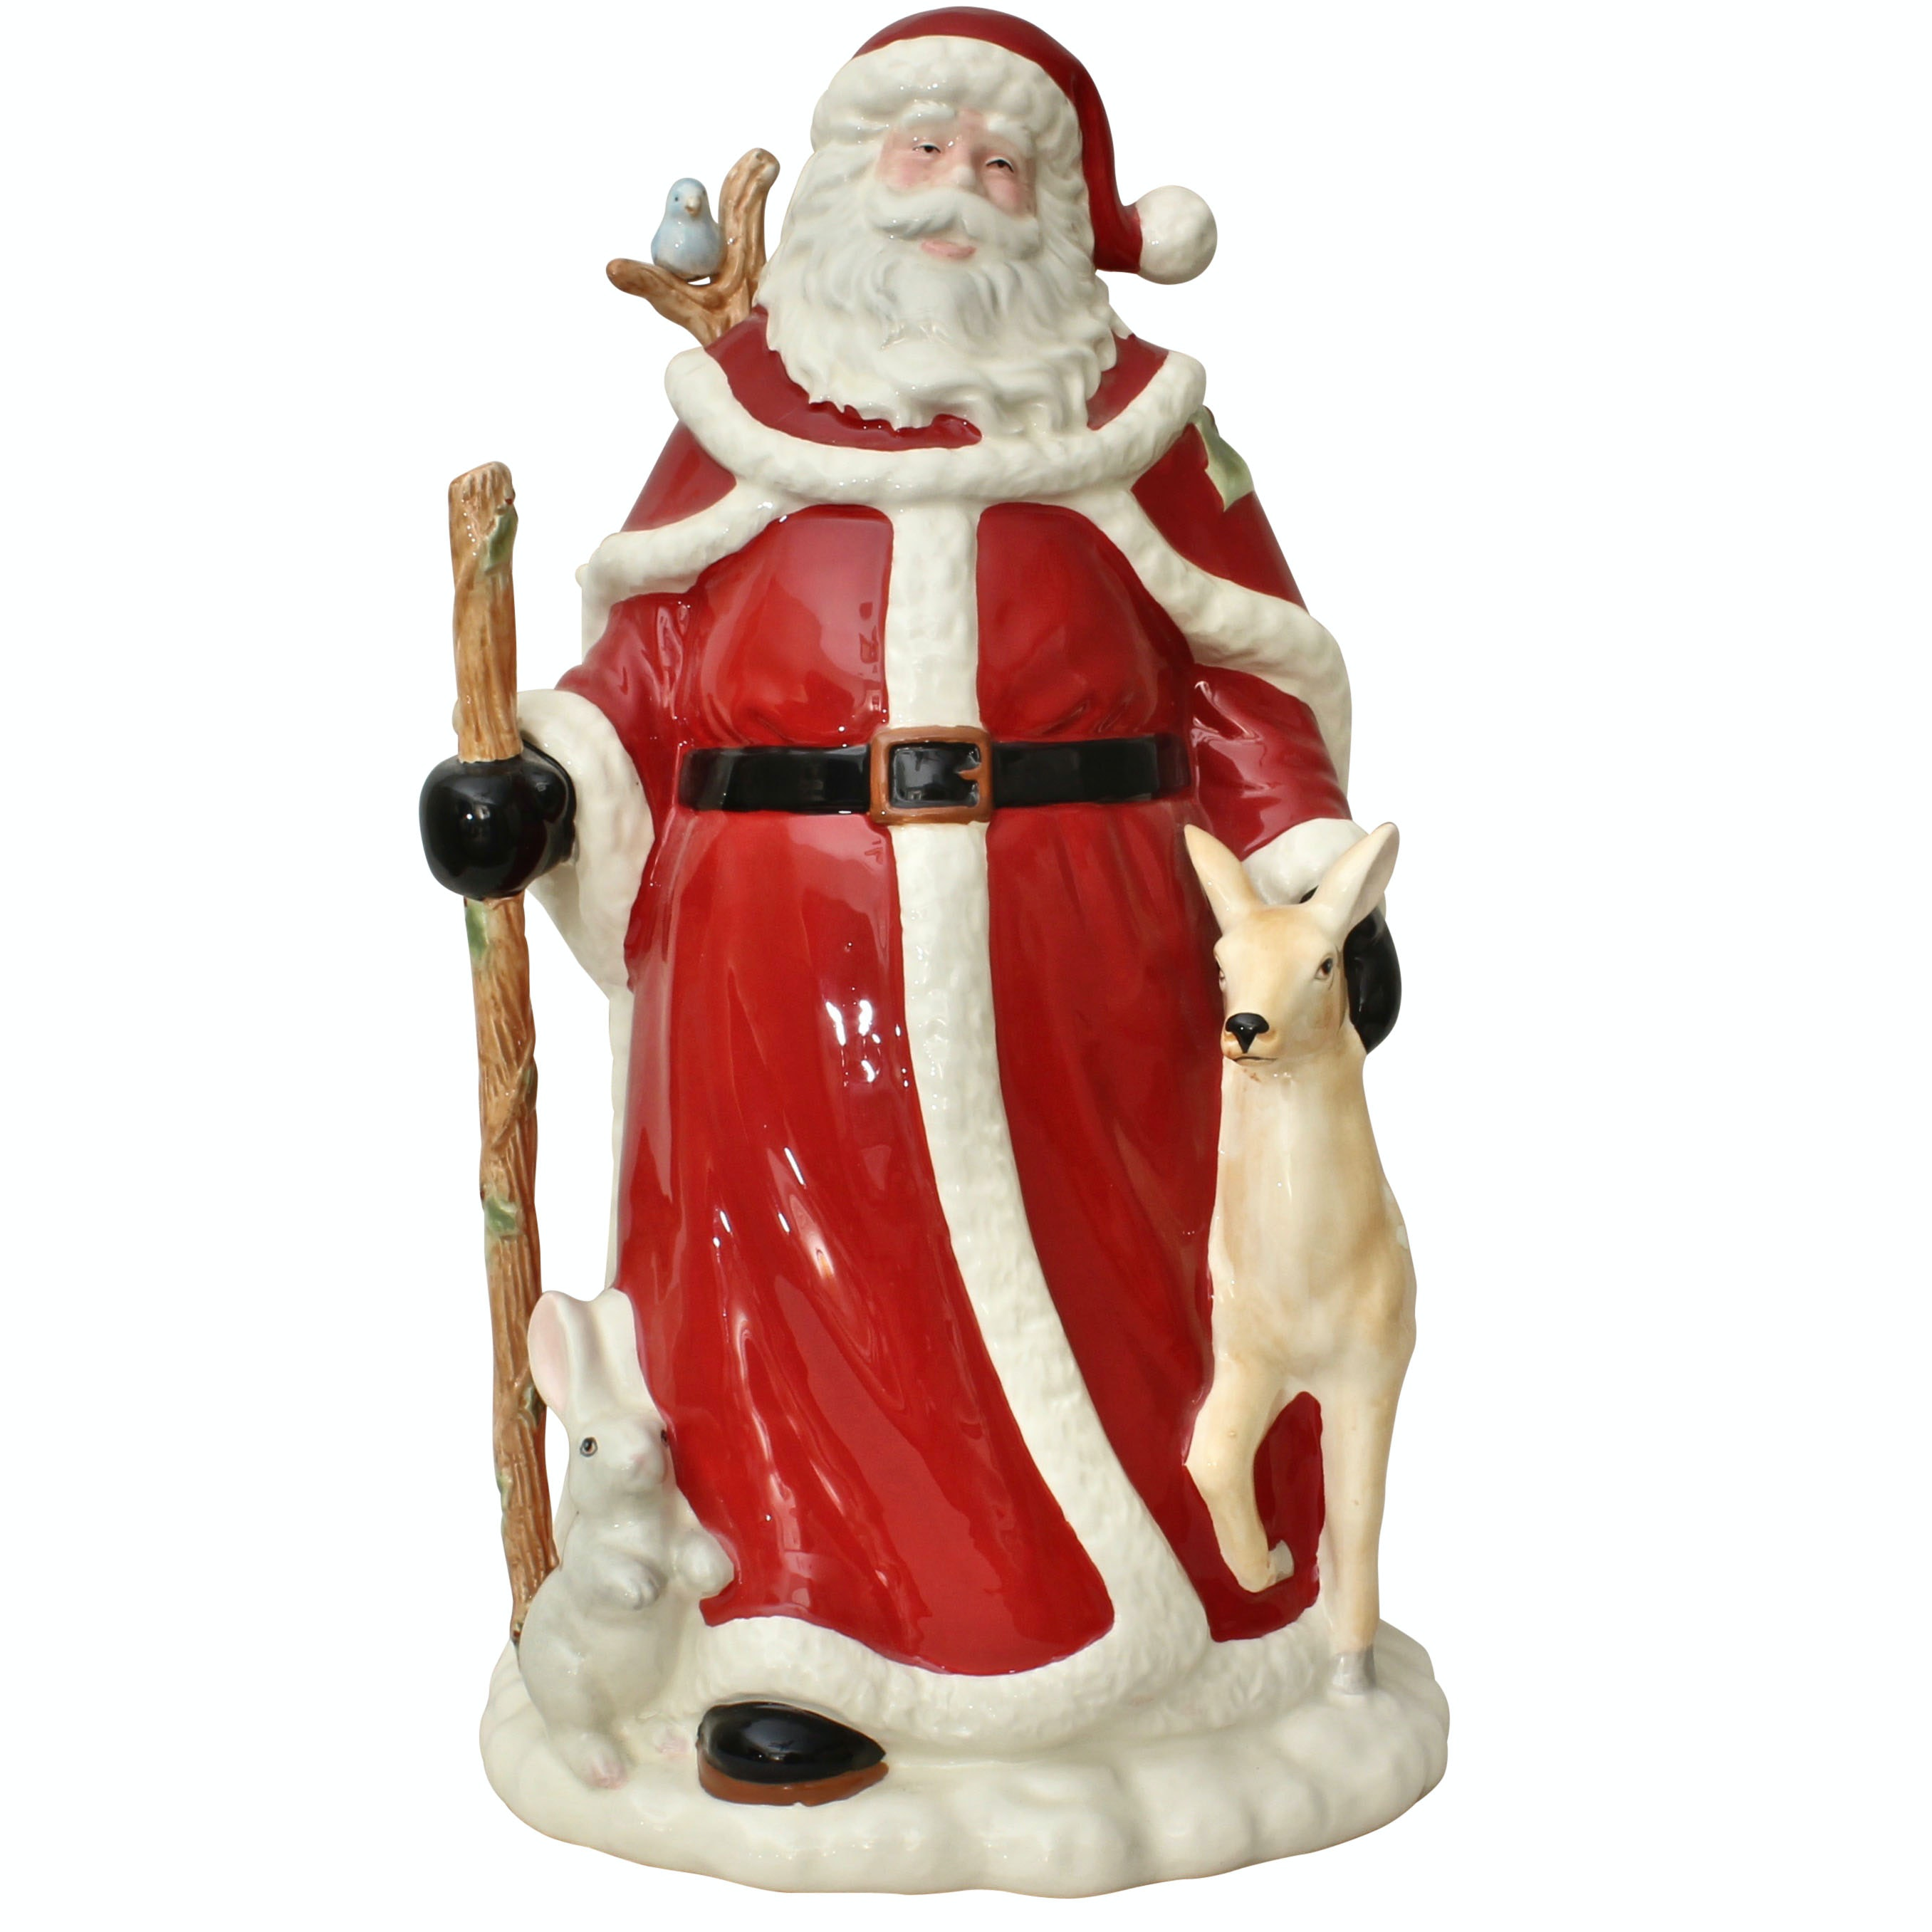 Large Lenox Porcelain Santa Claus